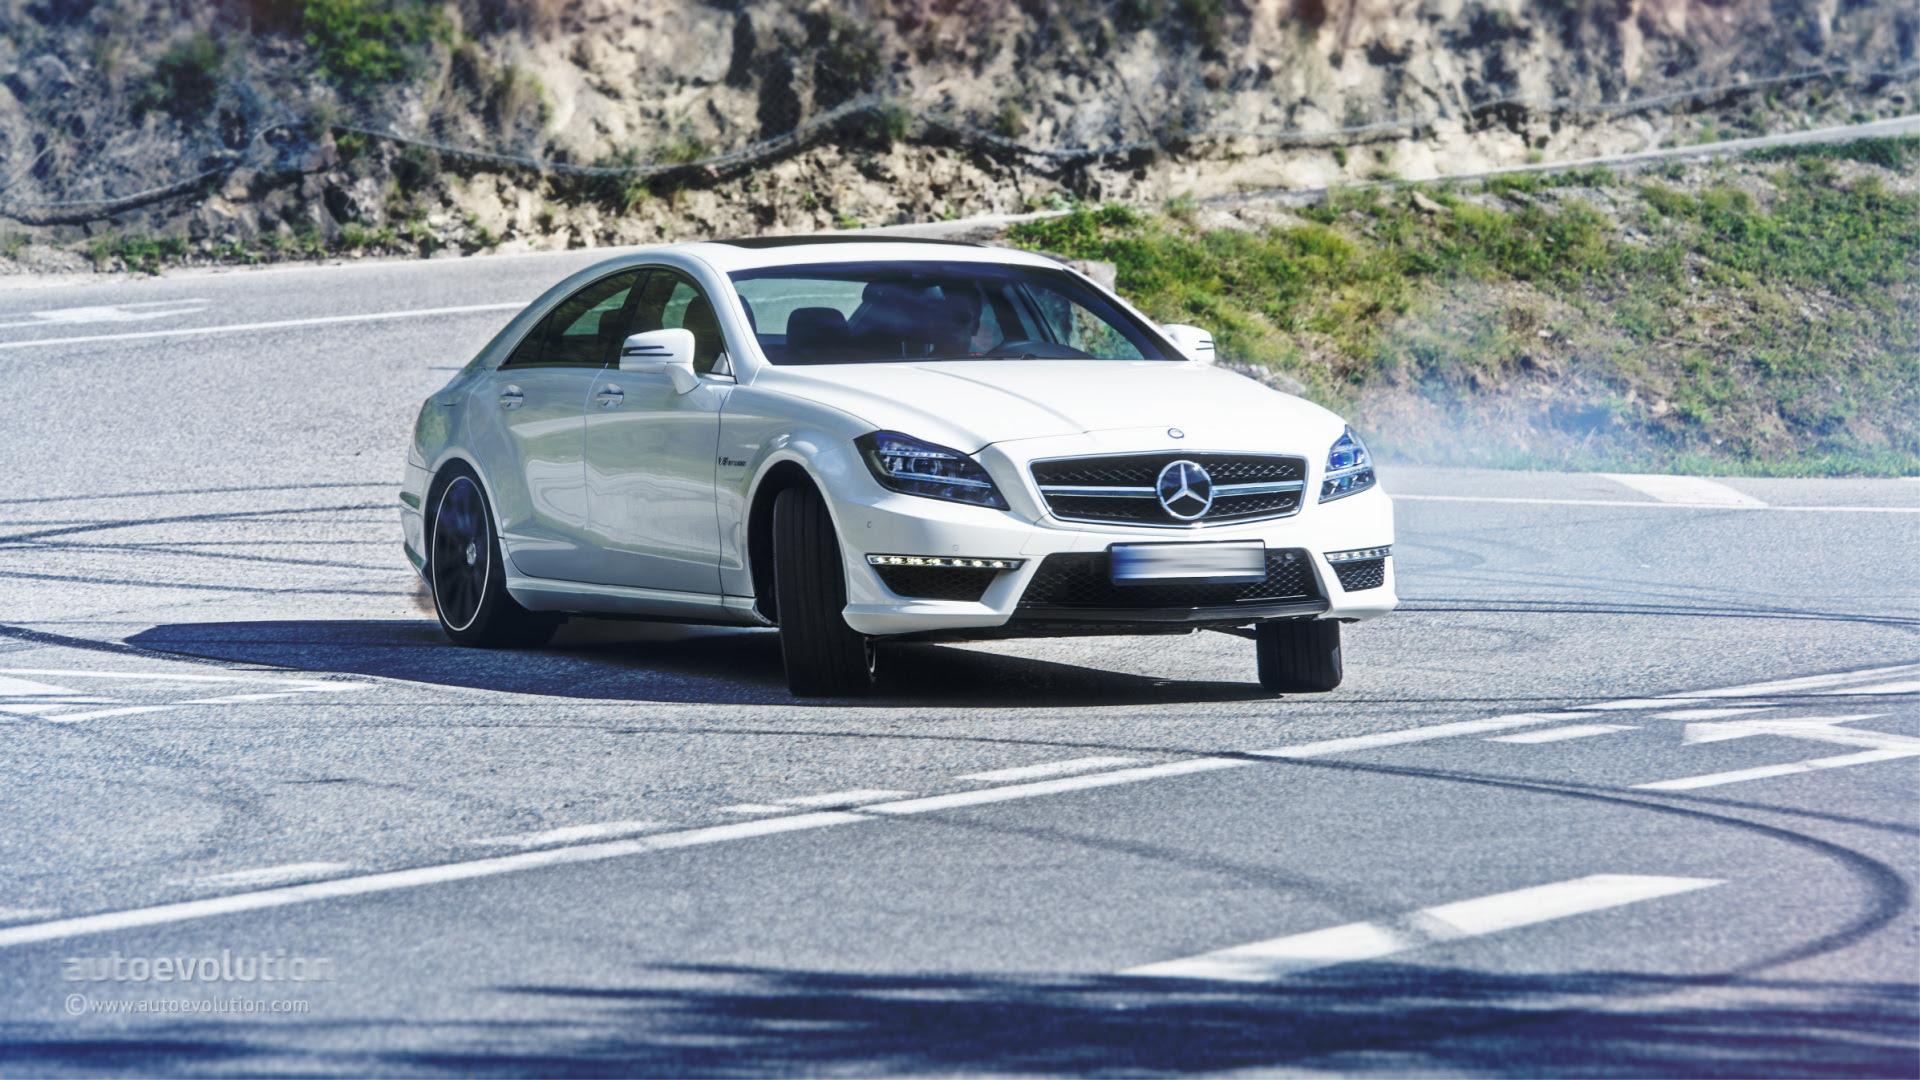 Mercedes CLS 63 AMG 4Matic Drifts, Demands Disziplin ...